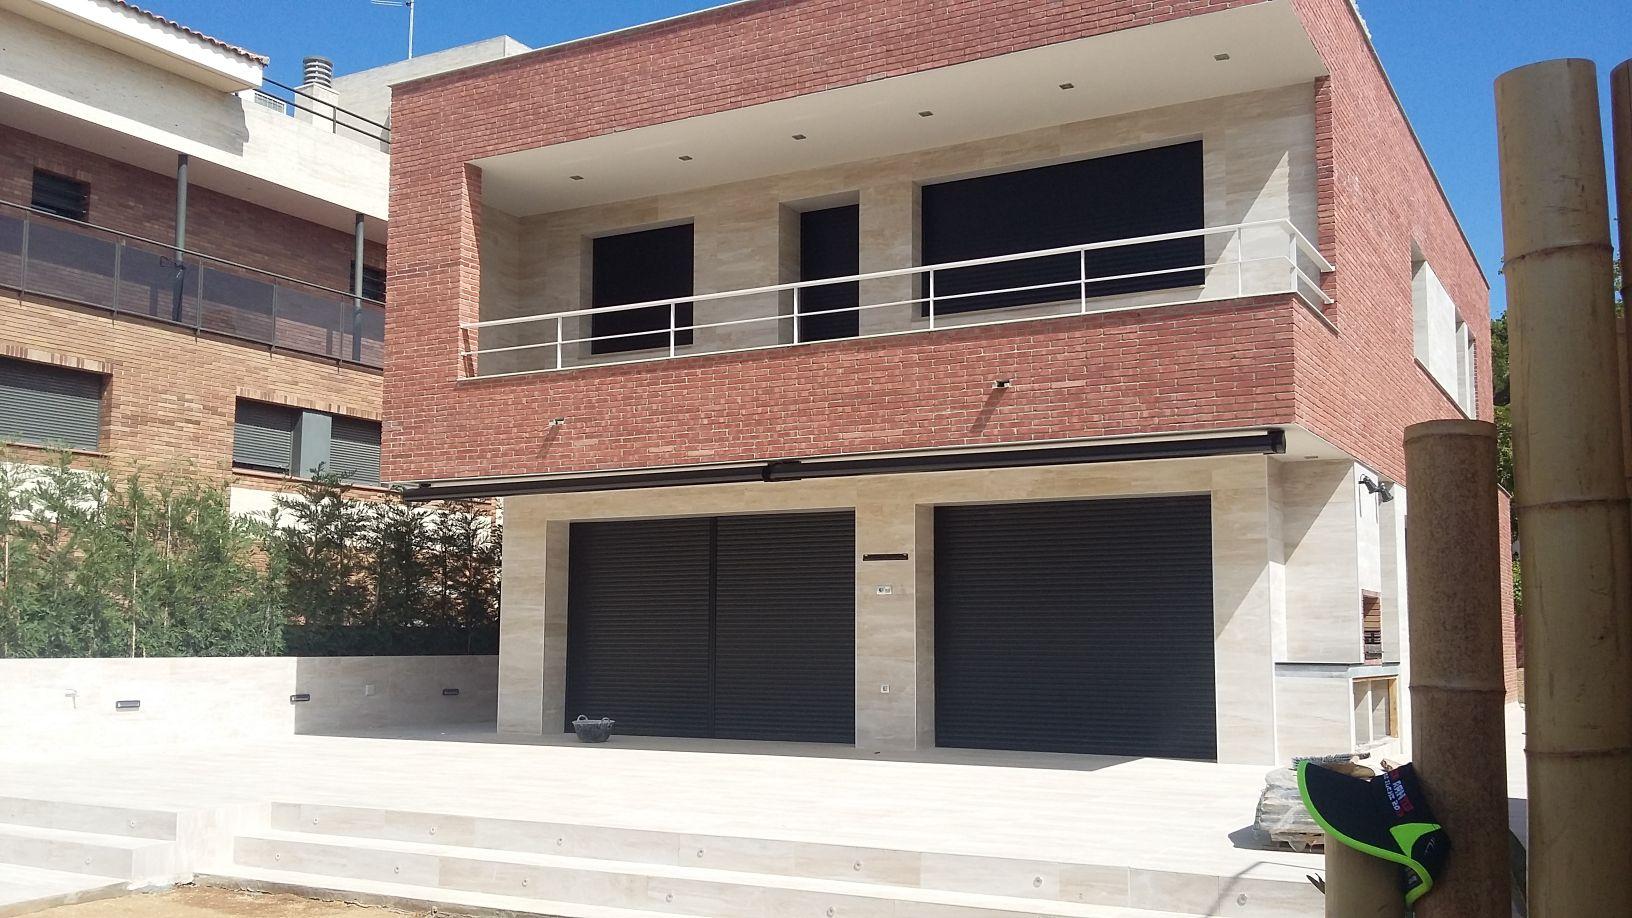 Reformas integrales de viviendas Sabadell